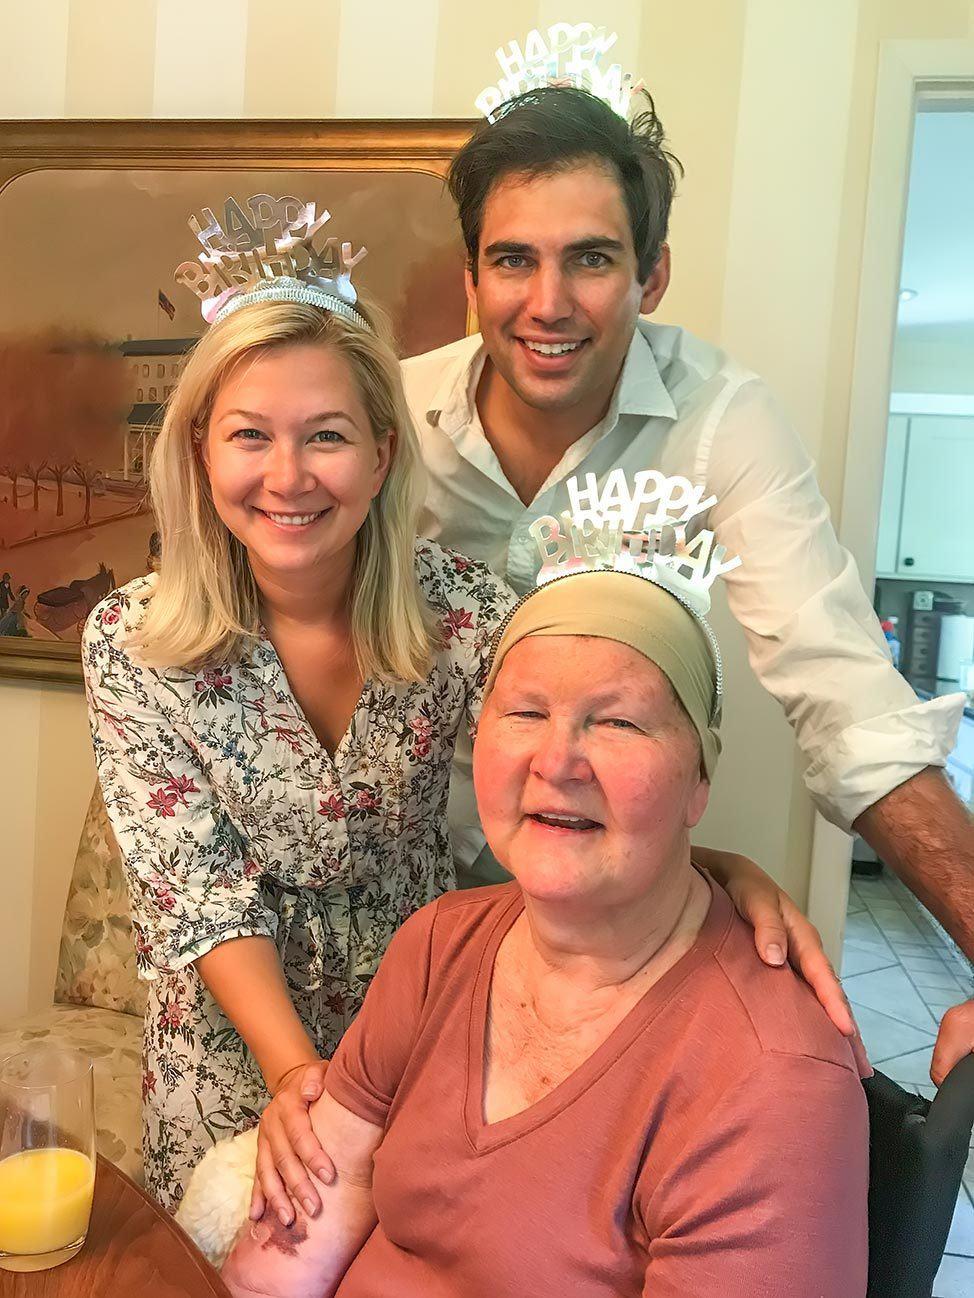 Olivia's birthday celebrations